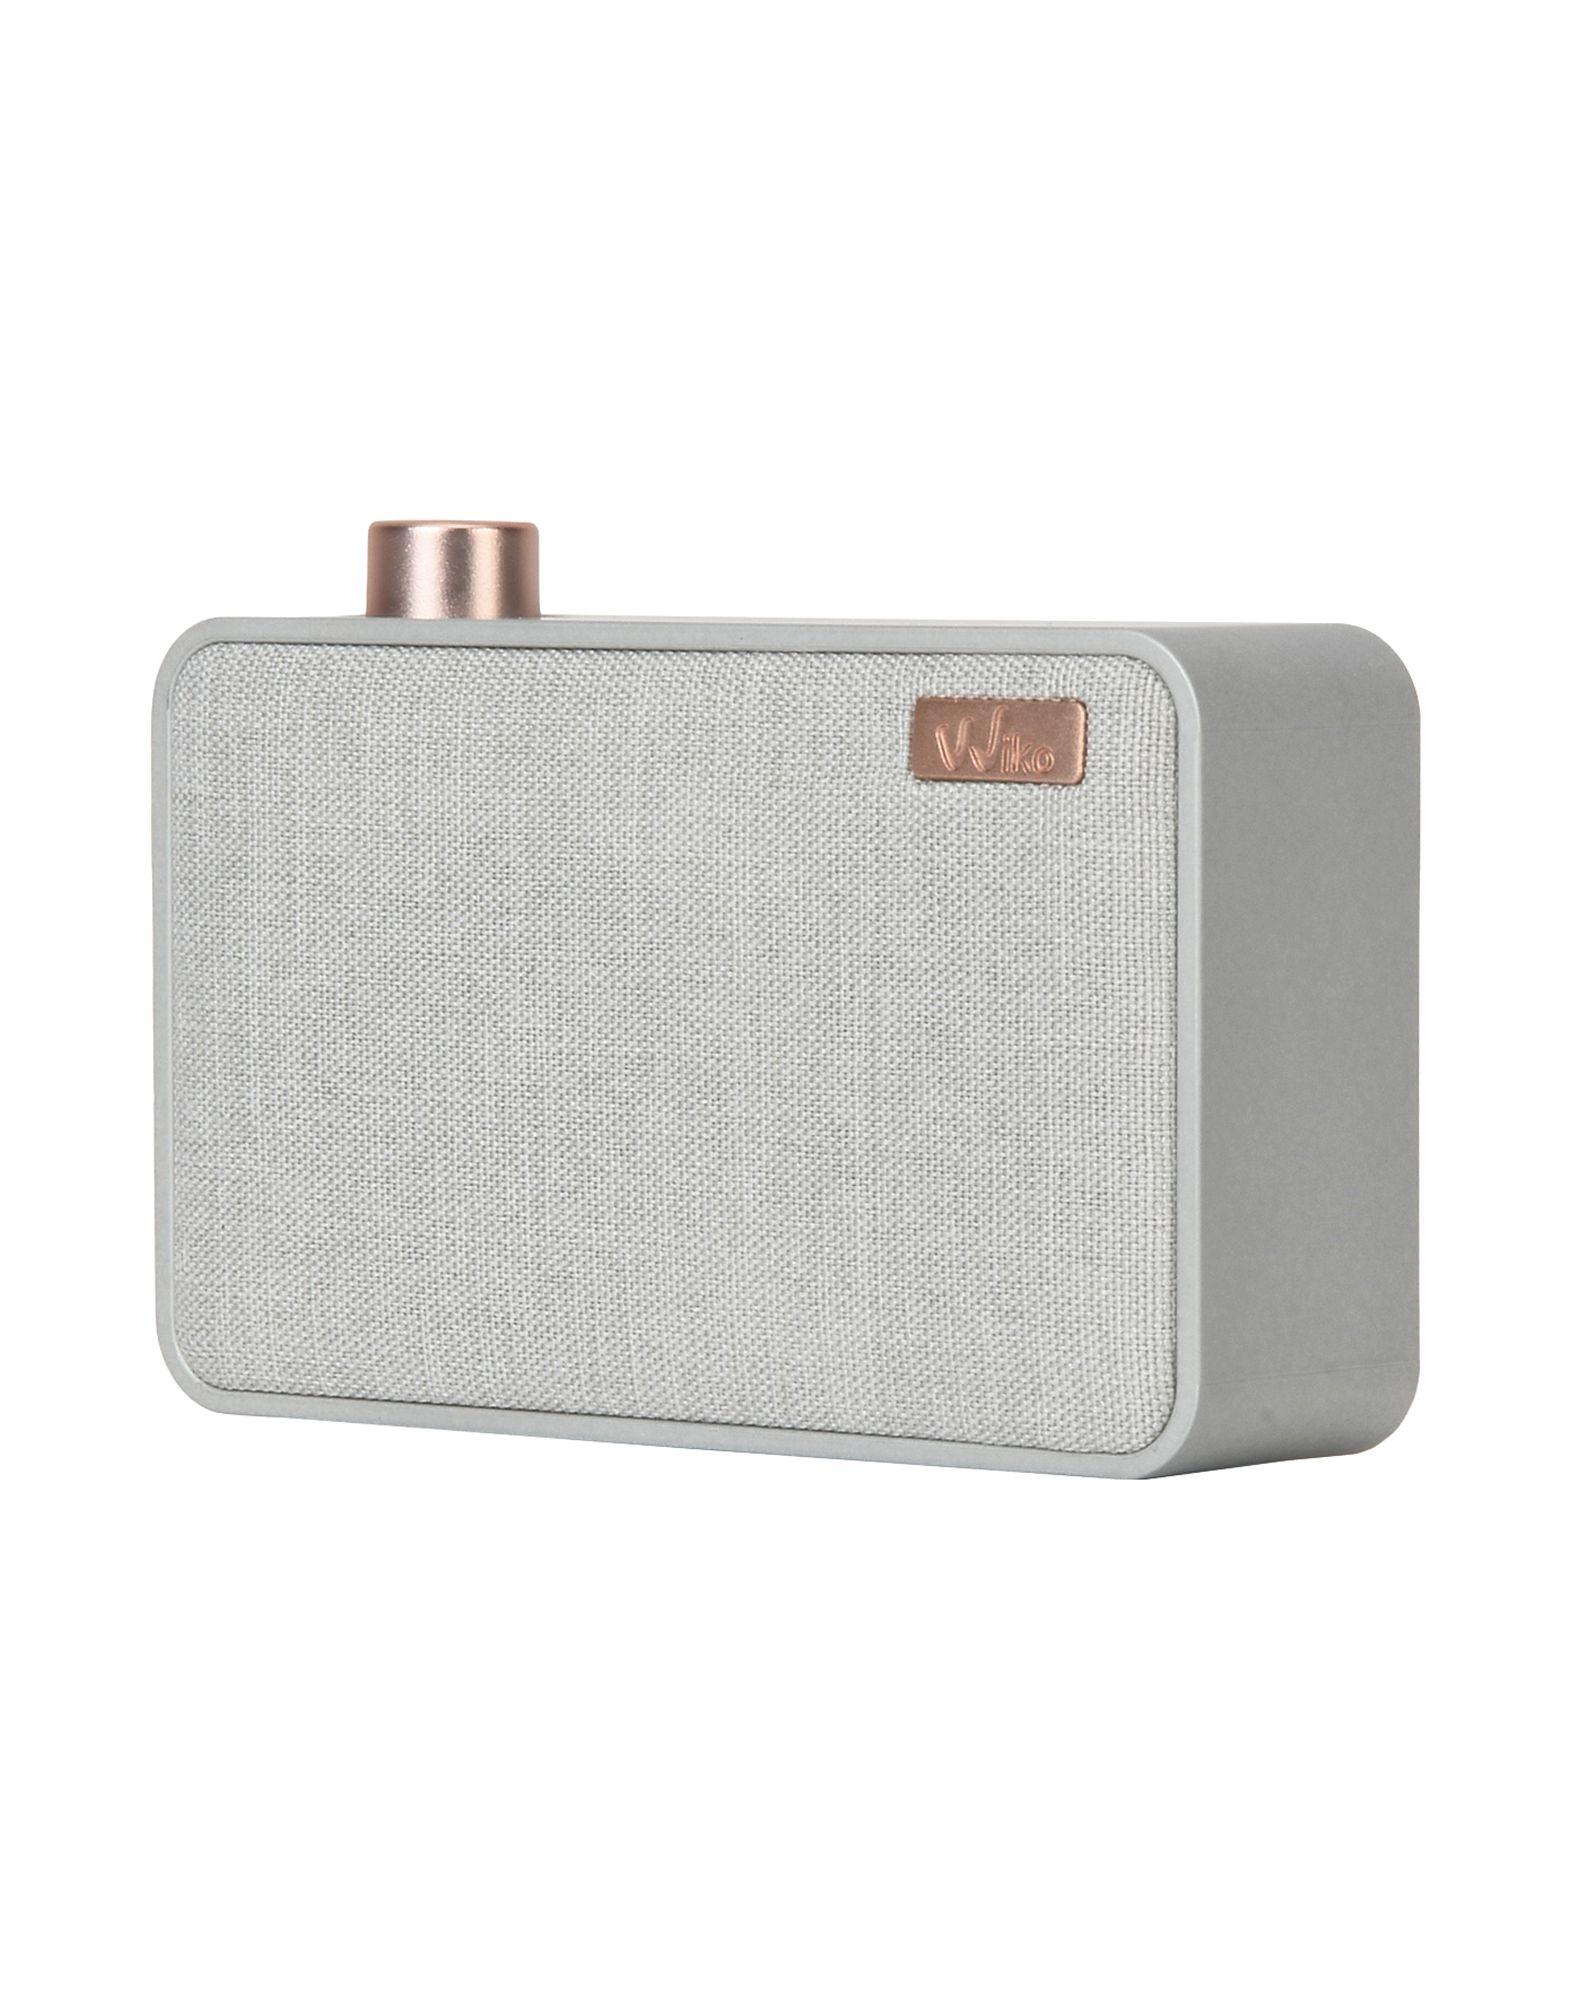 Wiko Speakers